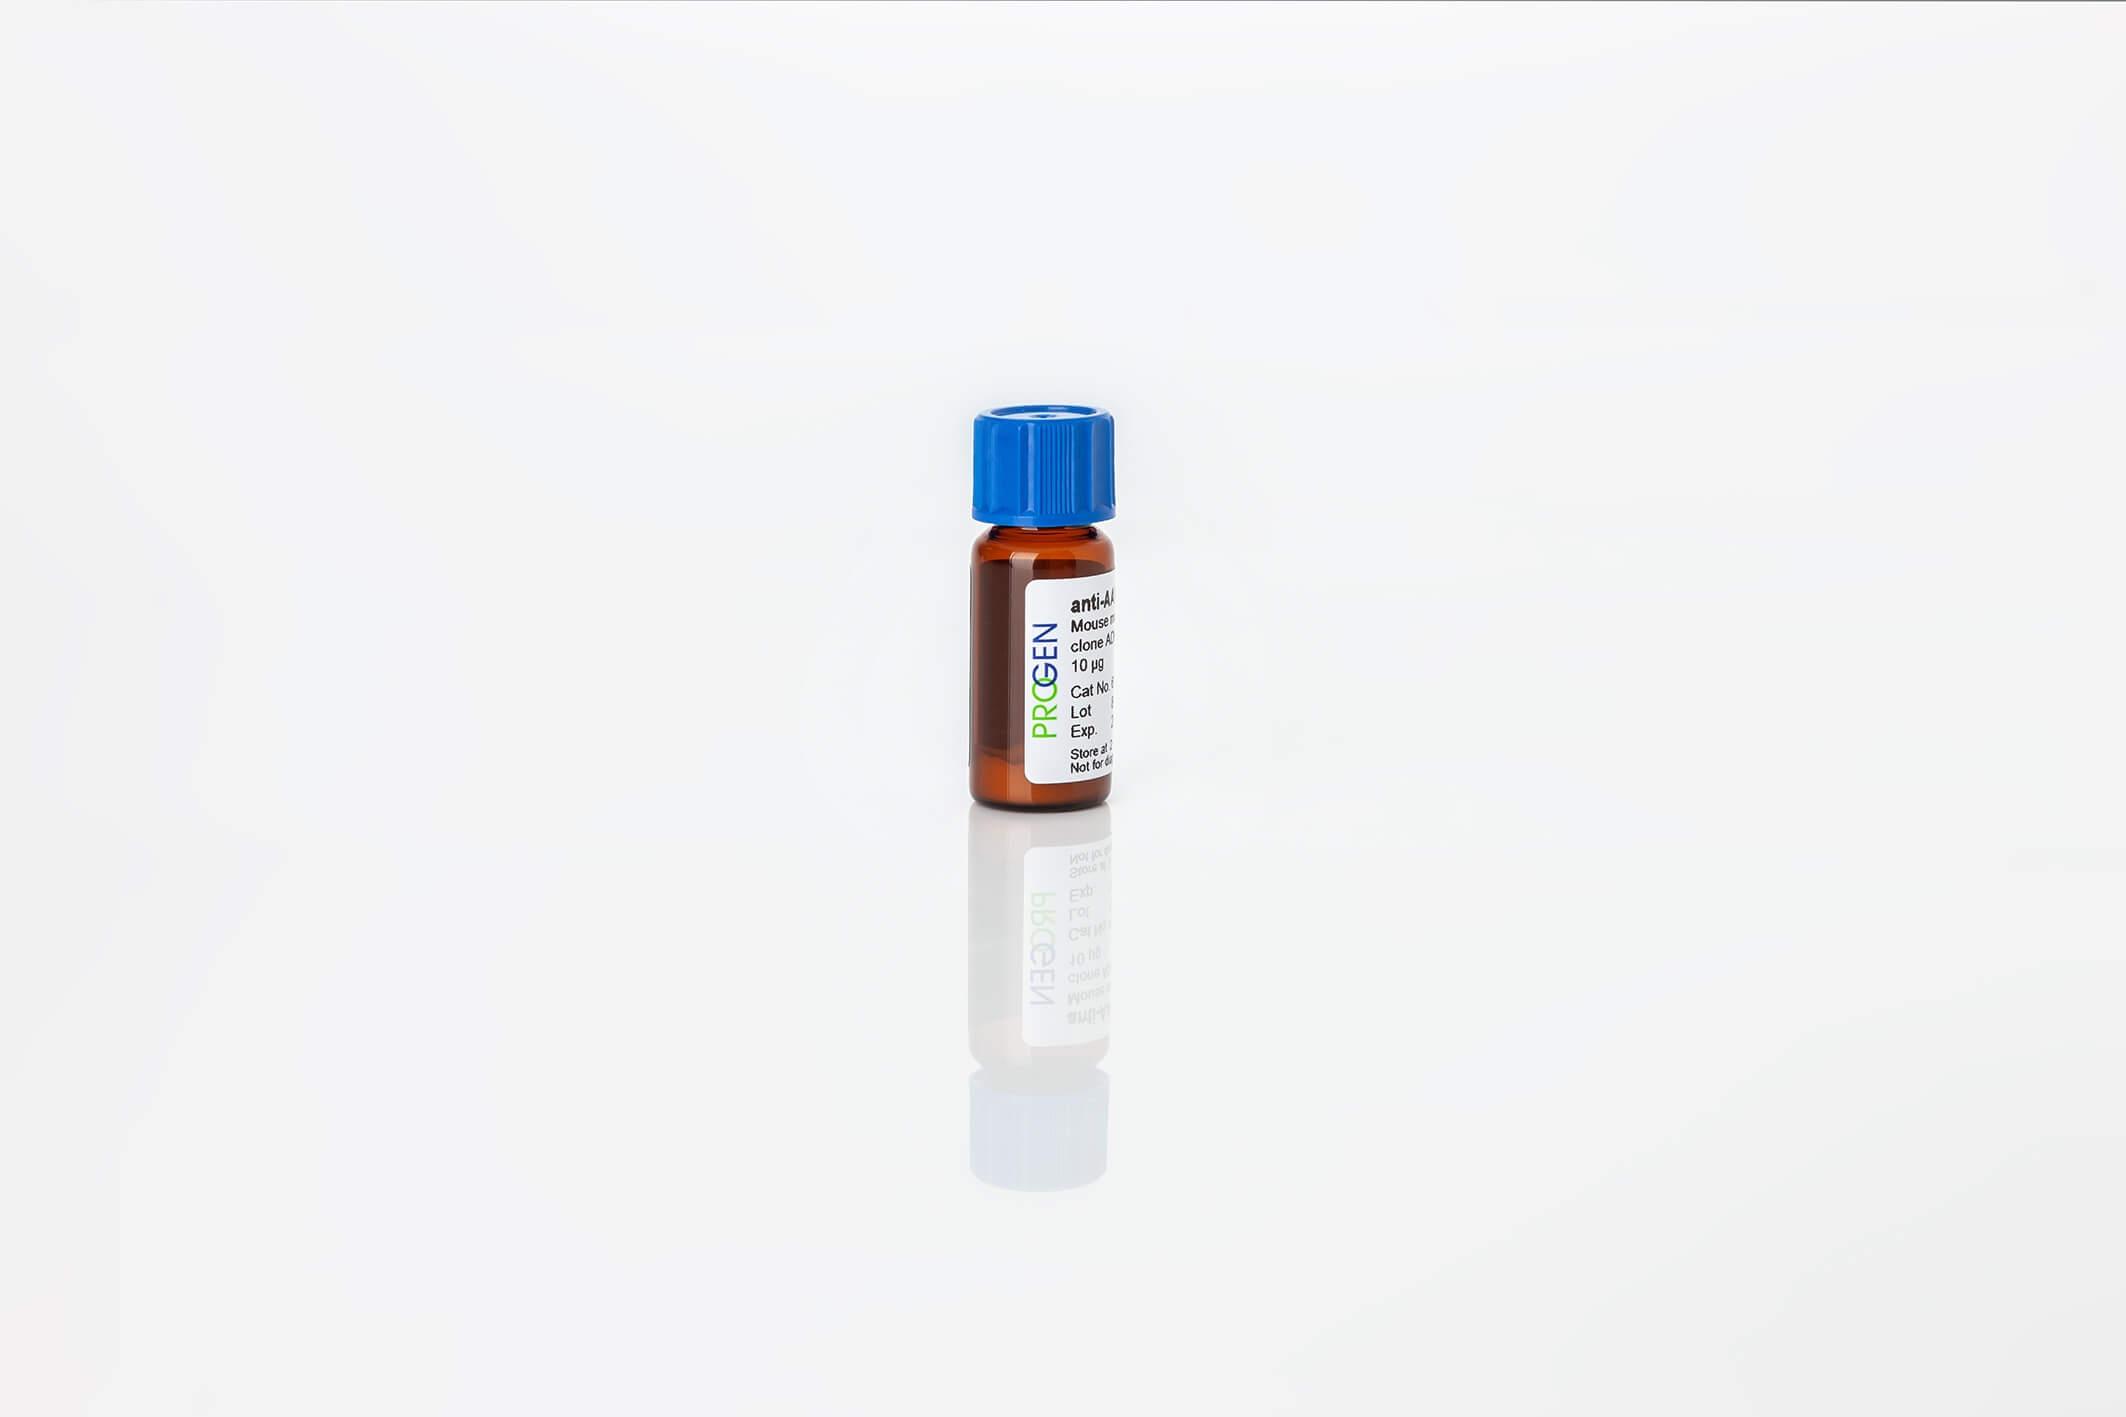 anti-Keratin K5/K8 (Pan Epithelial) mouse monoclonal, C22, FITC Conjugate